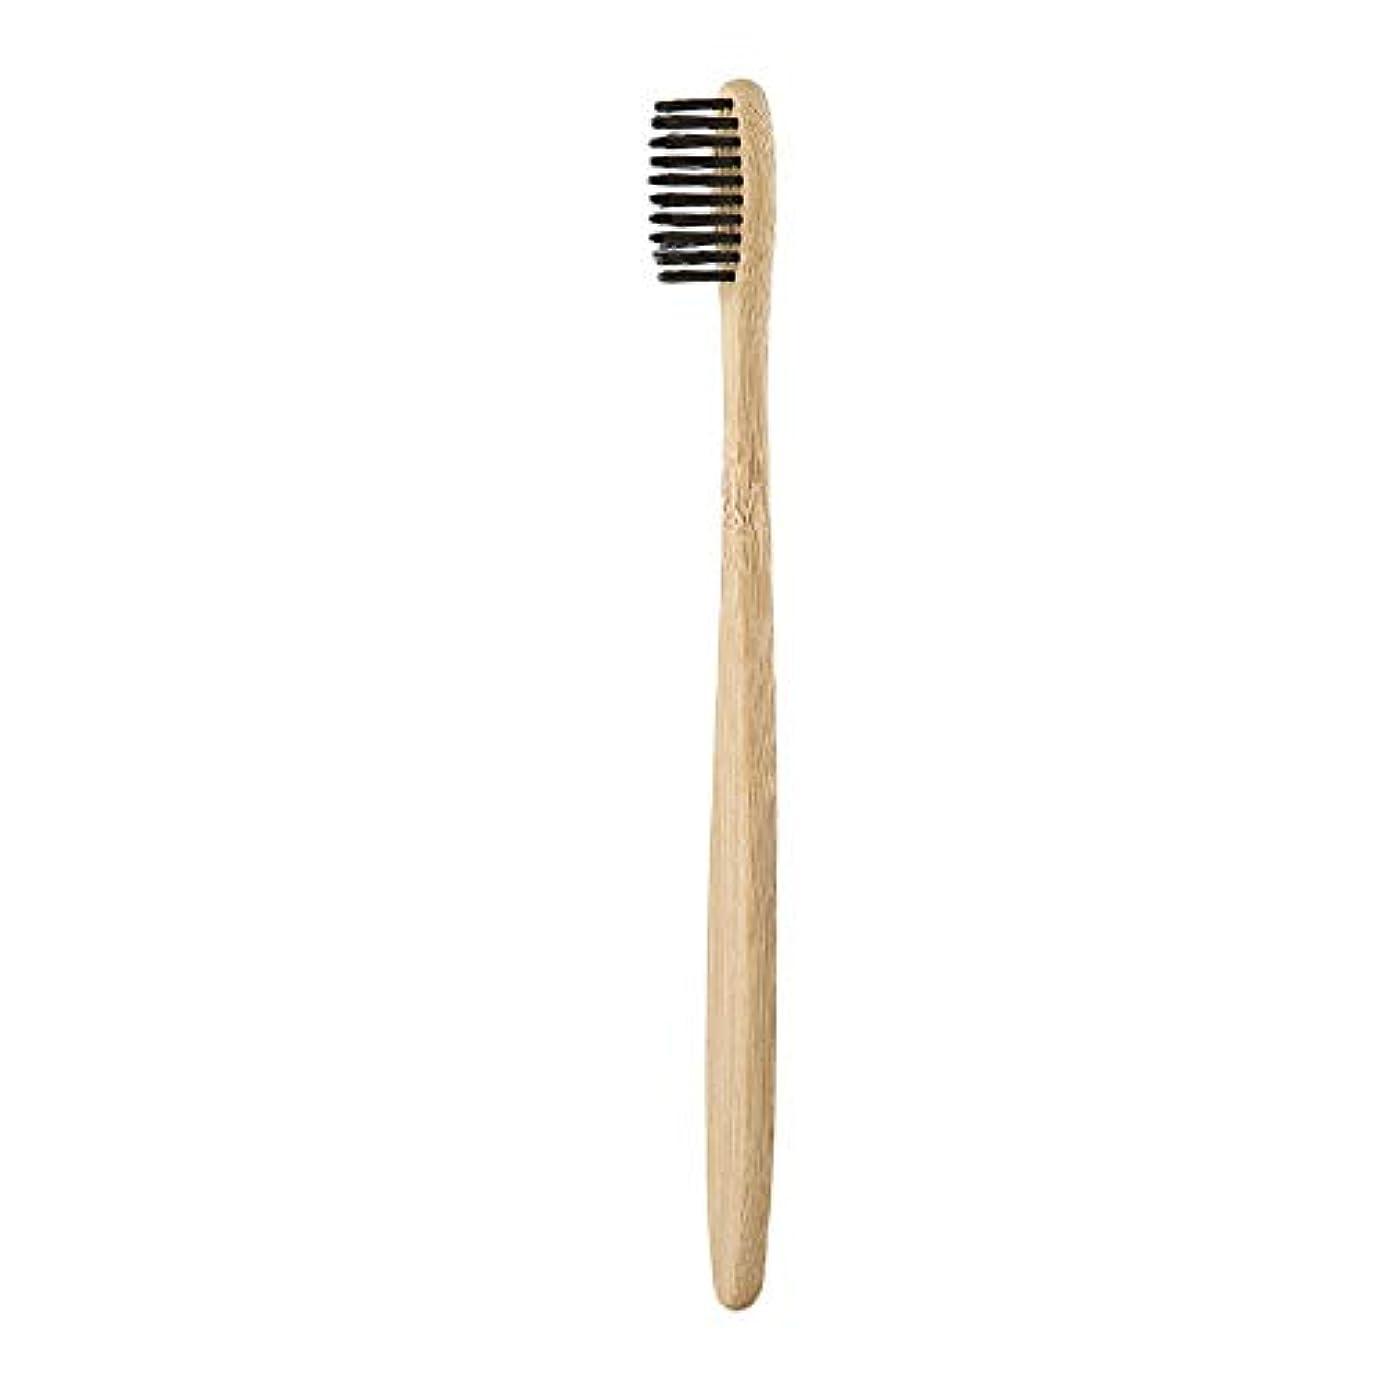 バッチ彼女は休暇手作りの快適な環境に優しい環境歯ブラシ竹ハンドル歯ブラシ炭毛健康オーラルケア-ウッドカラー